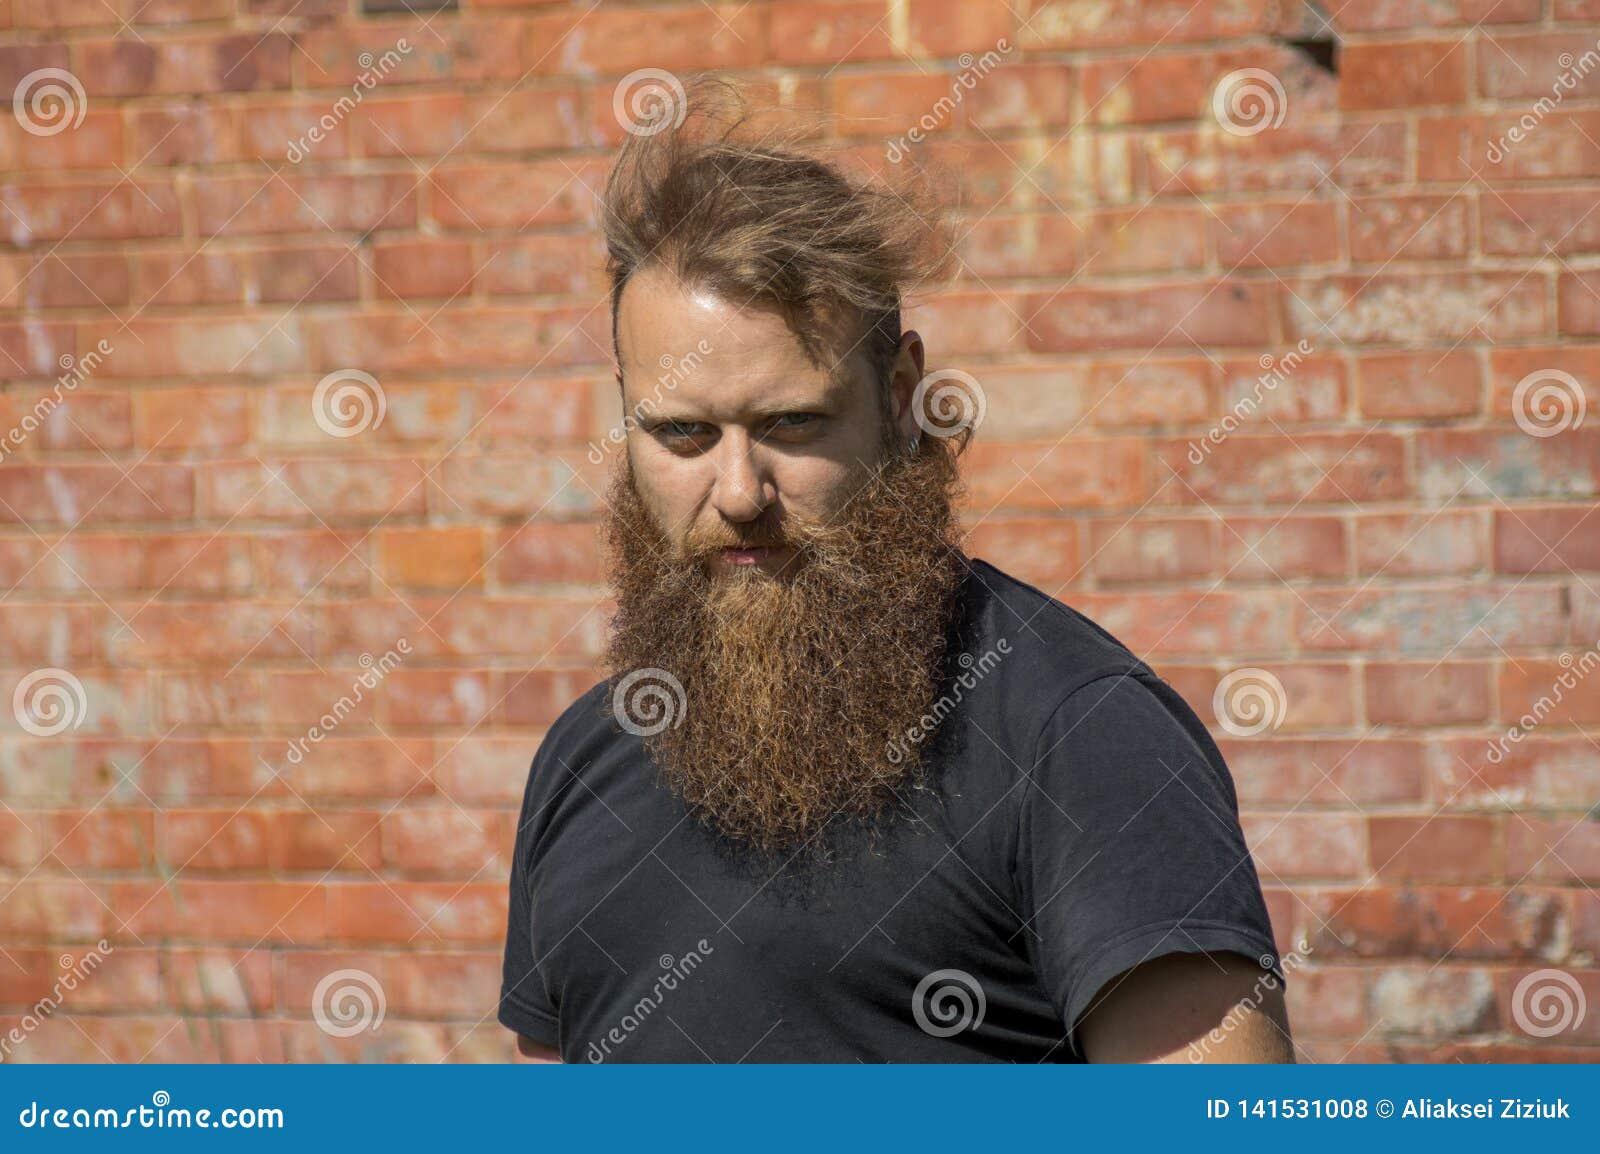 Een somber, onaardig portret van een mens met een baard